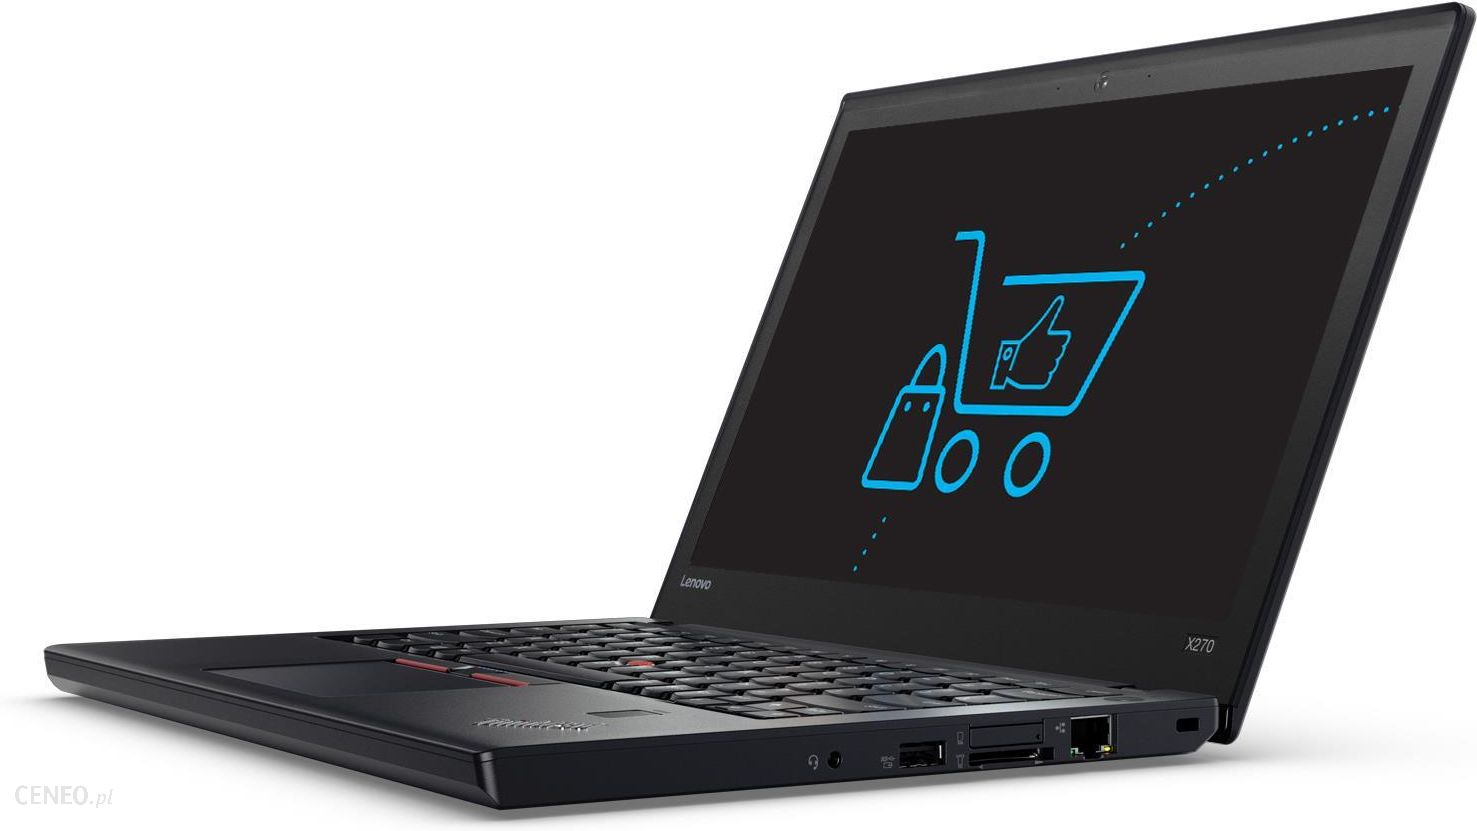 Laptop Lenovo ThinkPad X270 20K5S00A00 zdjęcie 1